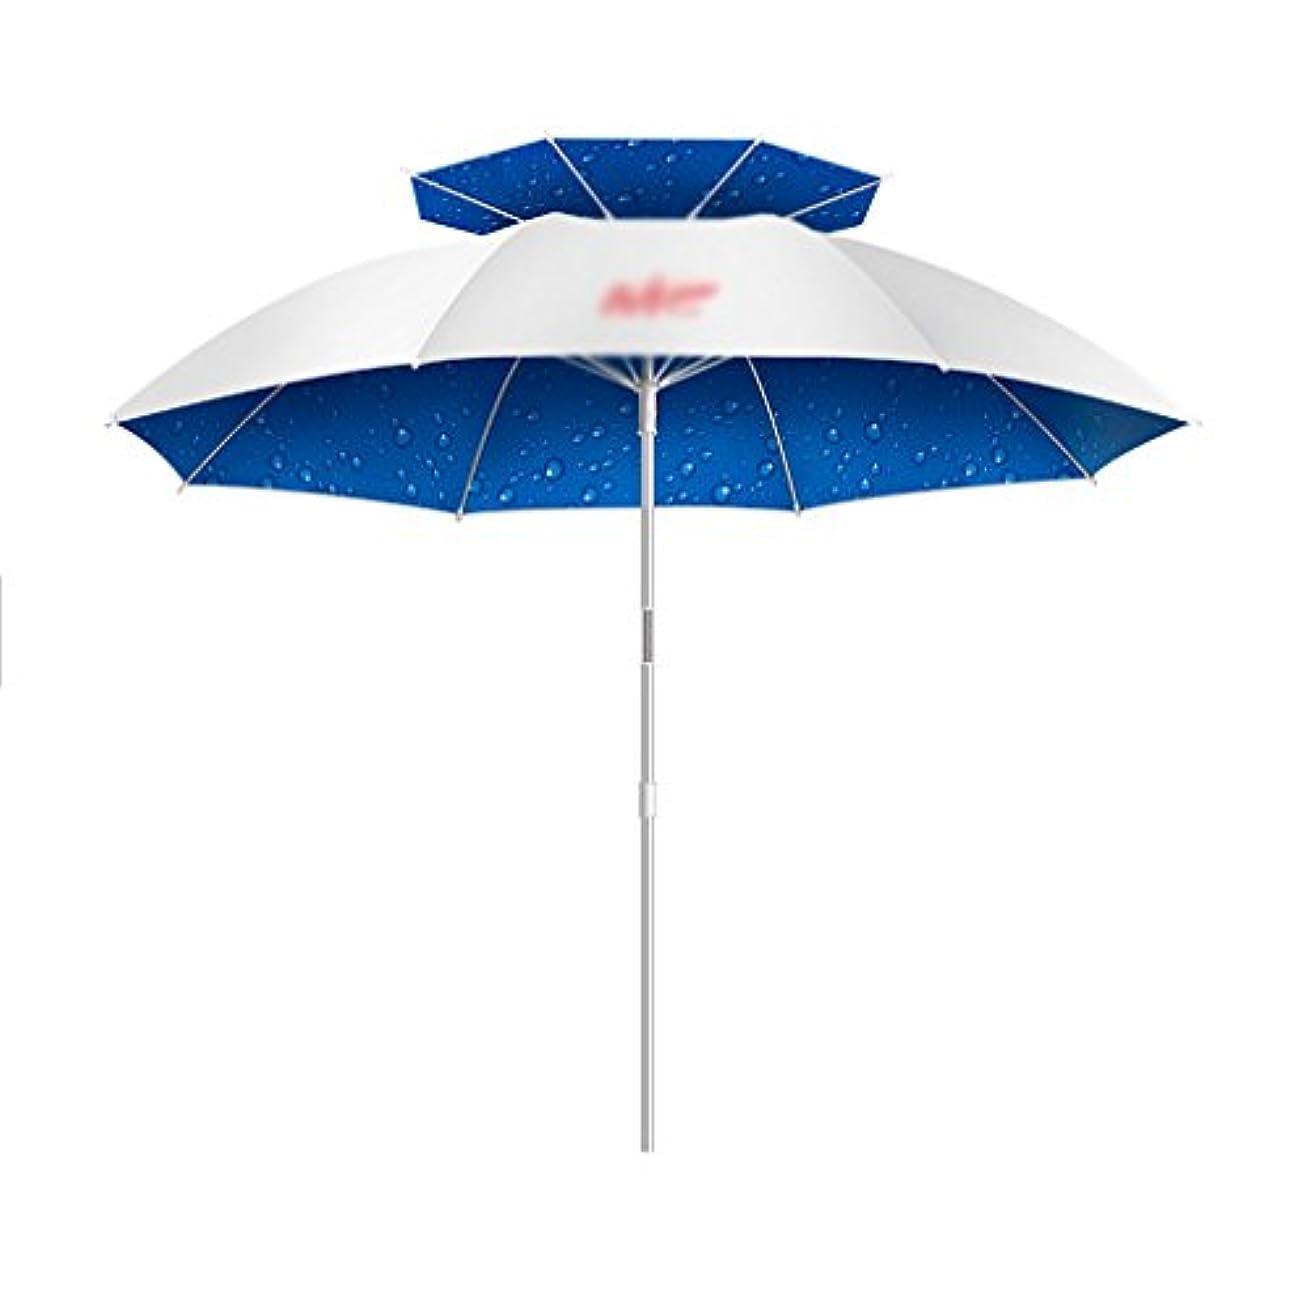 折り目トランザクションスピリチュアル屋外アンブレラ|釣り傘| 2m |ユニバーサル|レインコート|折りたたみ|屋外釣り傘|サンシャイン|サンスクリーン|ダブルフィッシング傘|超軽量太陽の傘